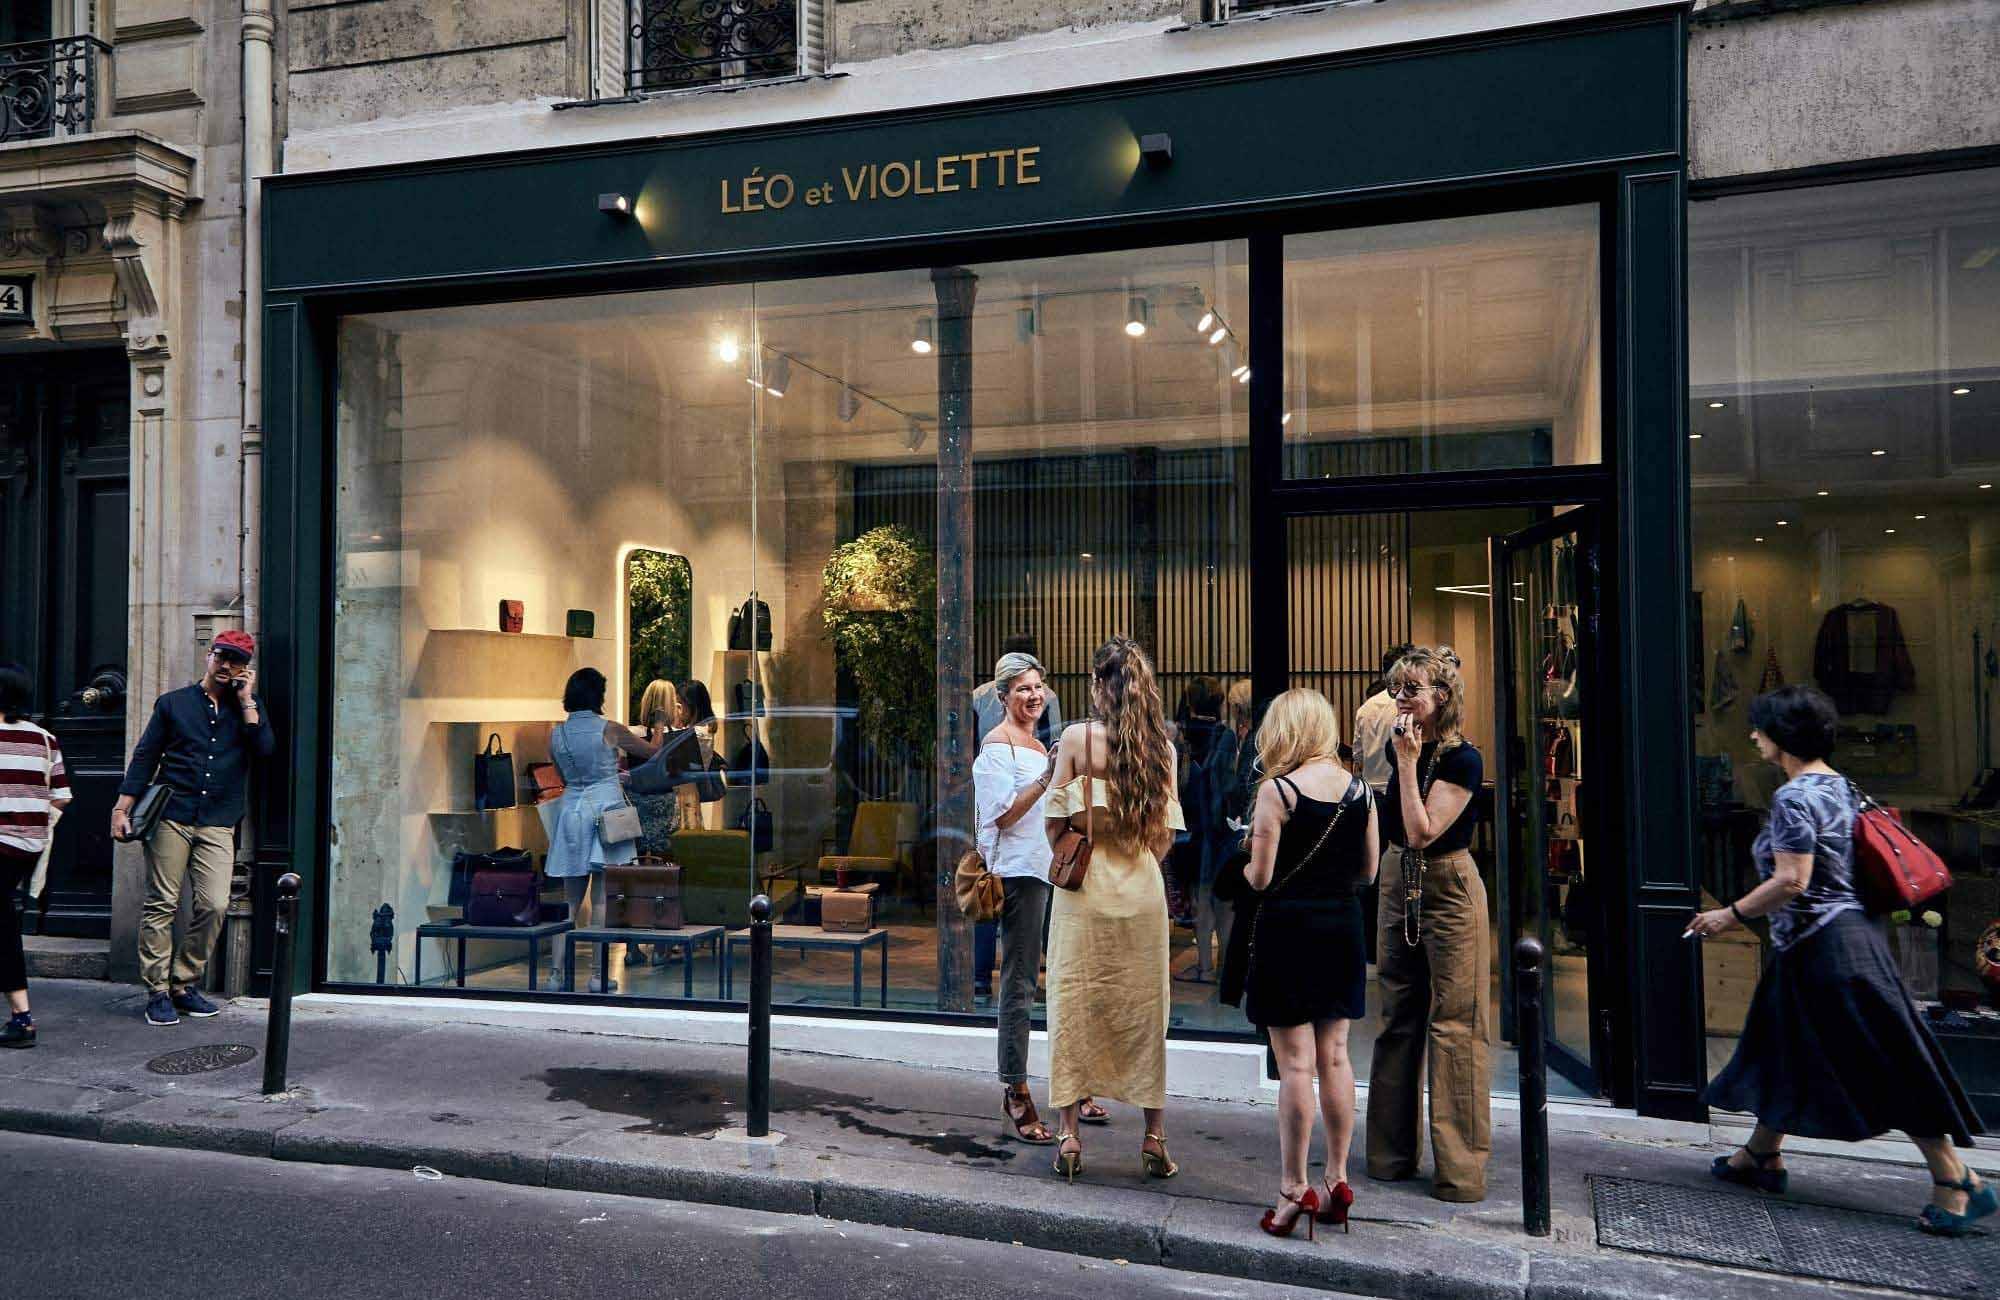 le studio Leo et Violette ©Yann Deret